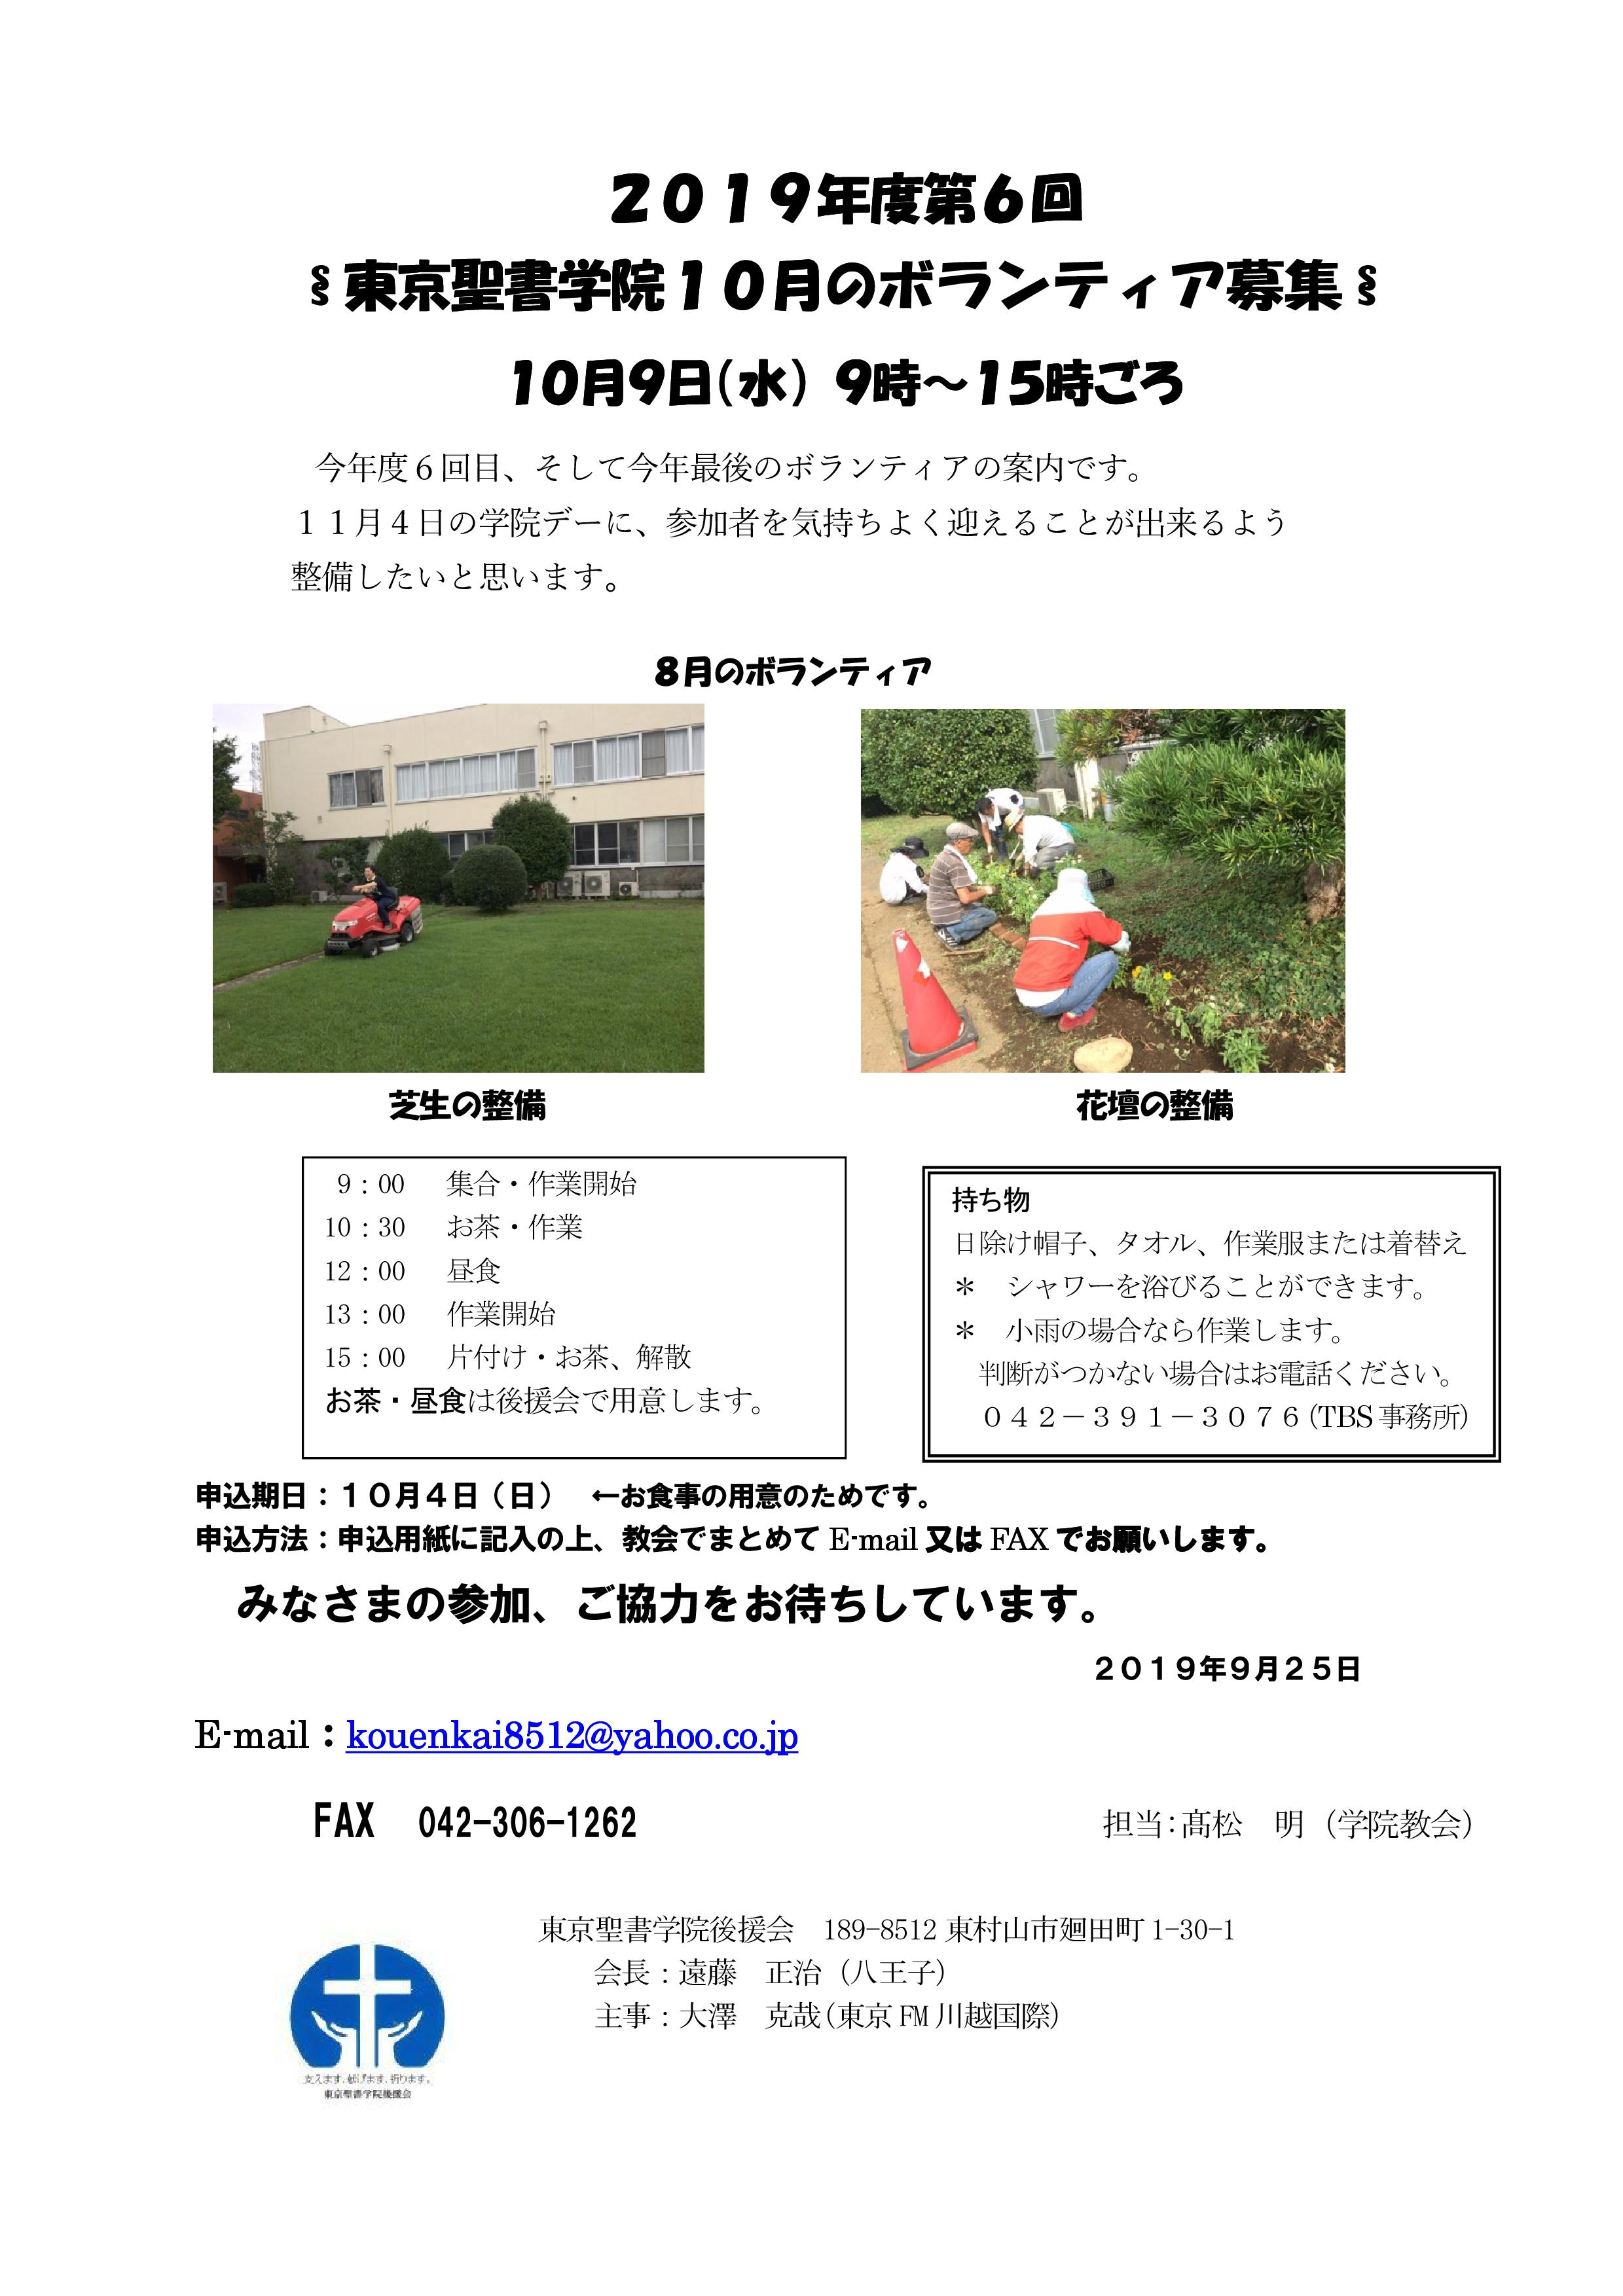 2019年度第6回東京聖書学院10月のボランティア募集チラシ&申し込み